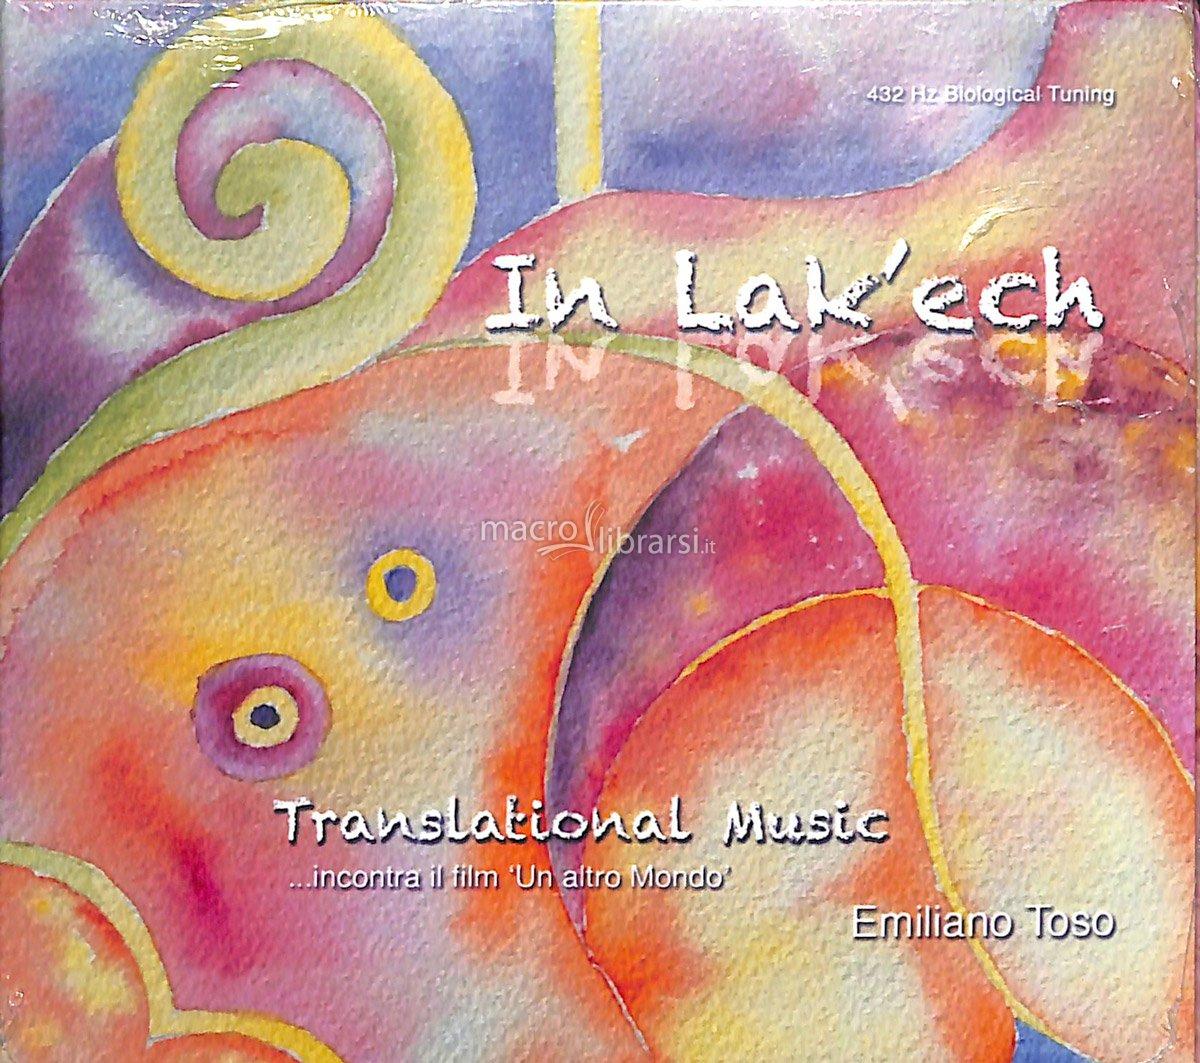 in-lak-ech-122652